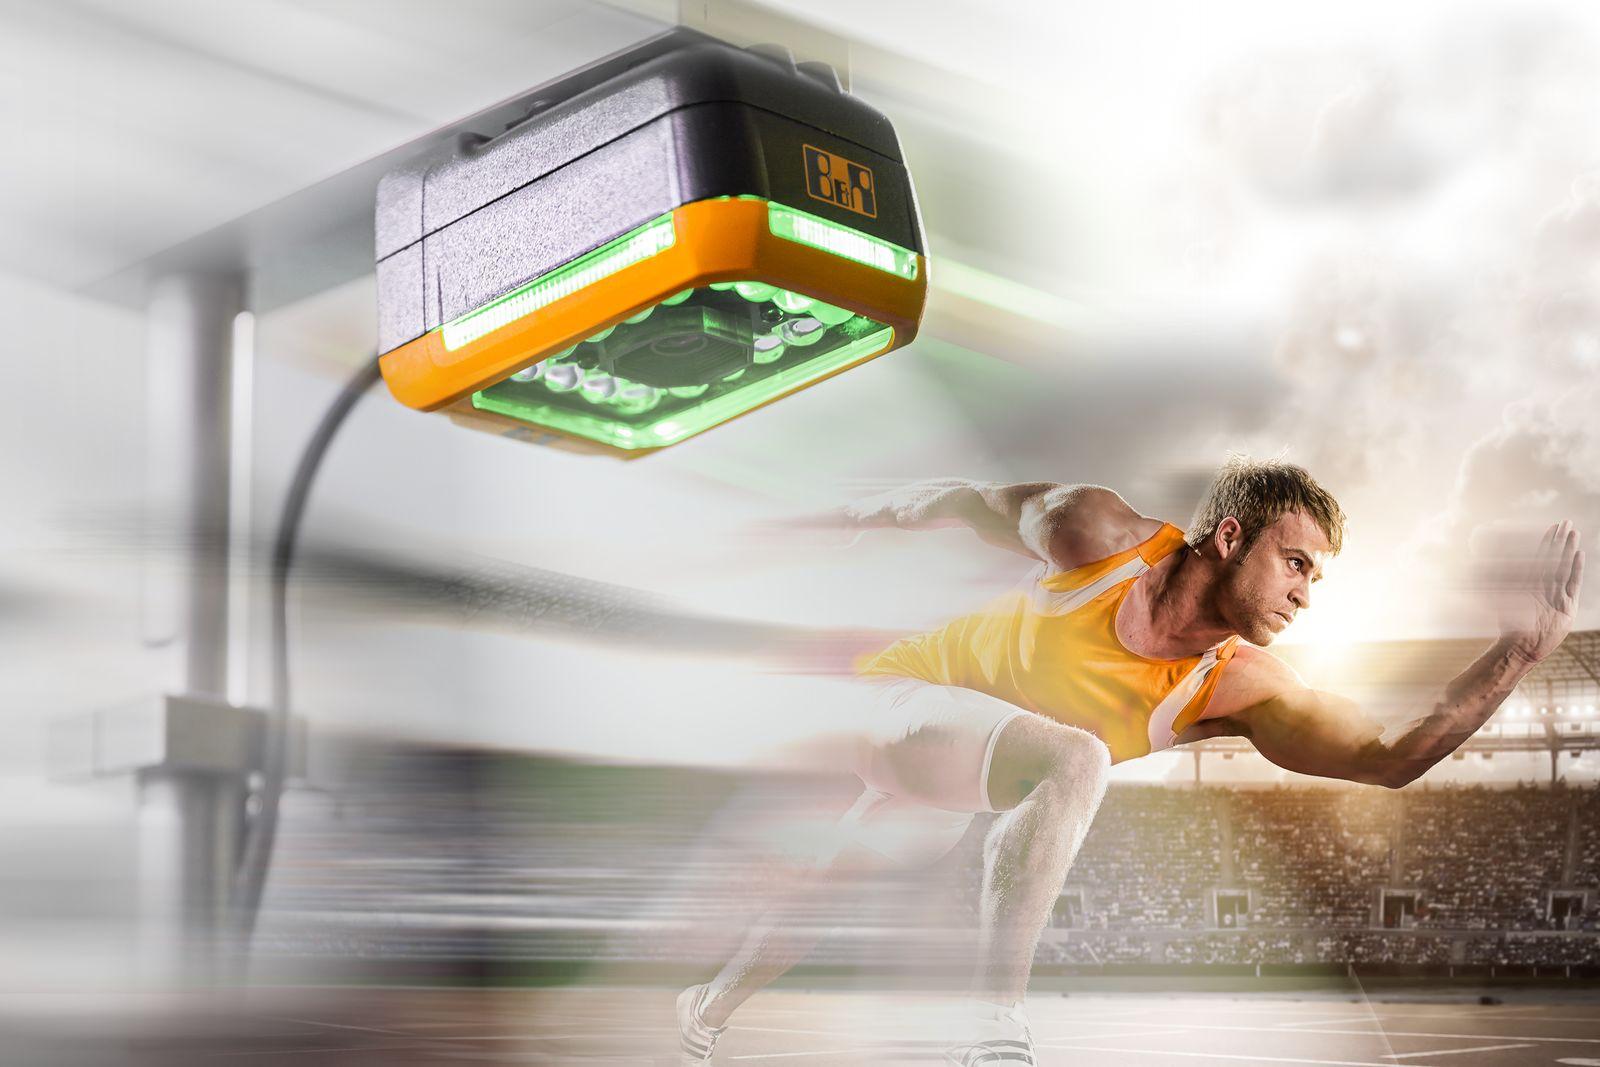 HALCON: la visione artificiale di B&R è 4 volte più veloce